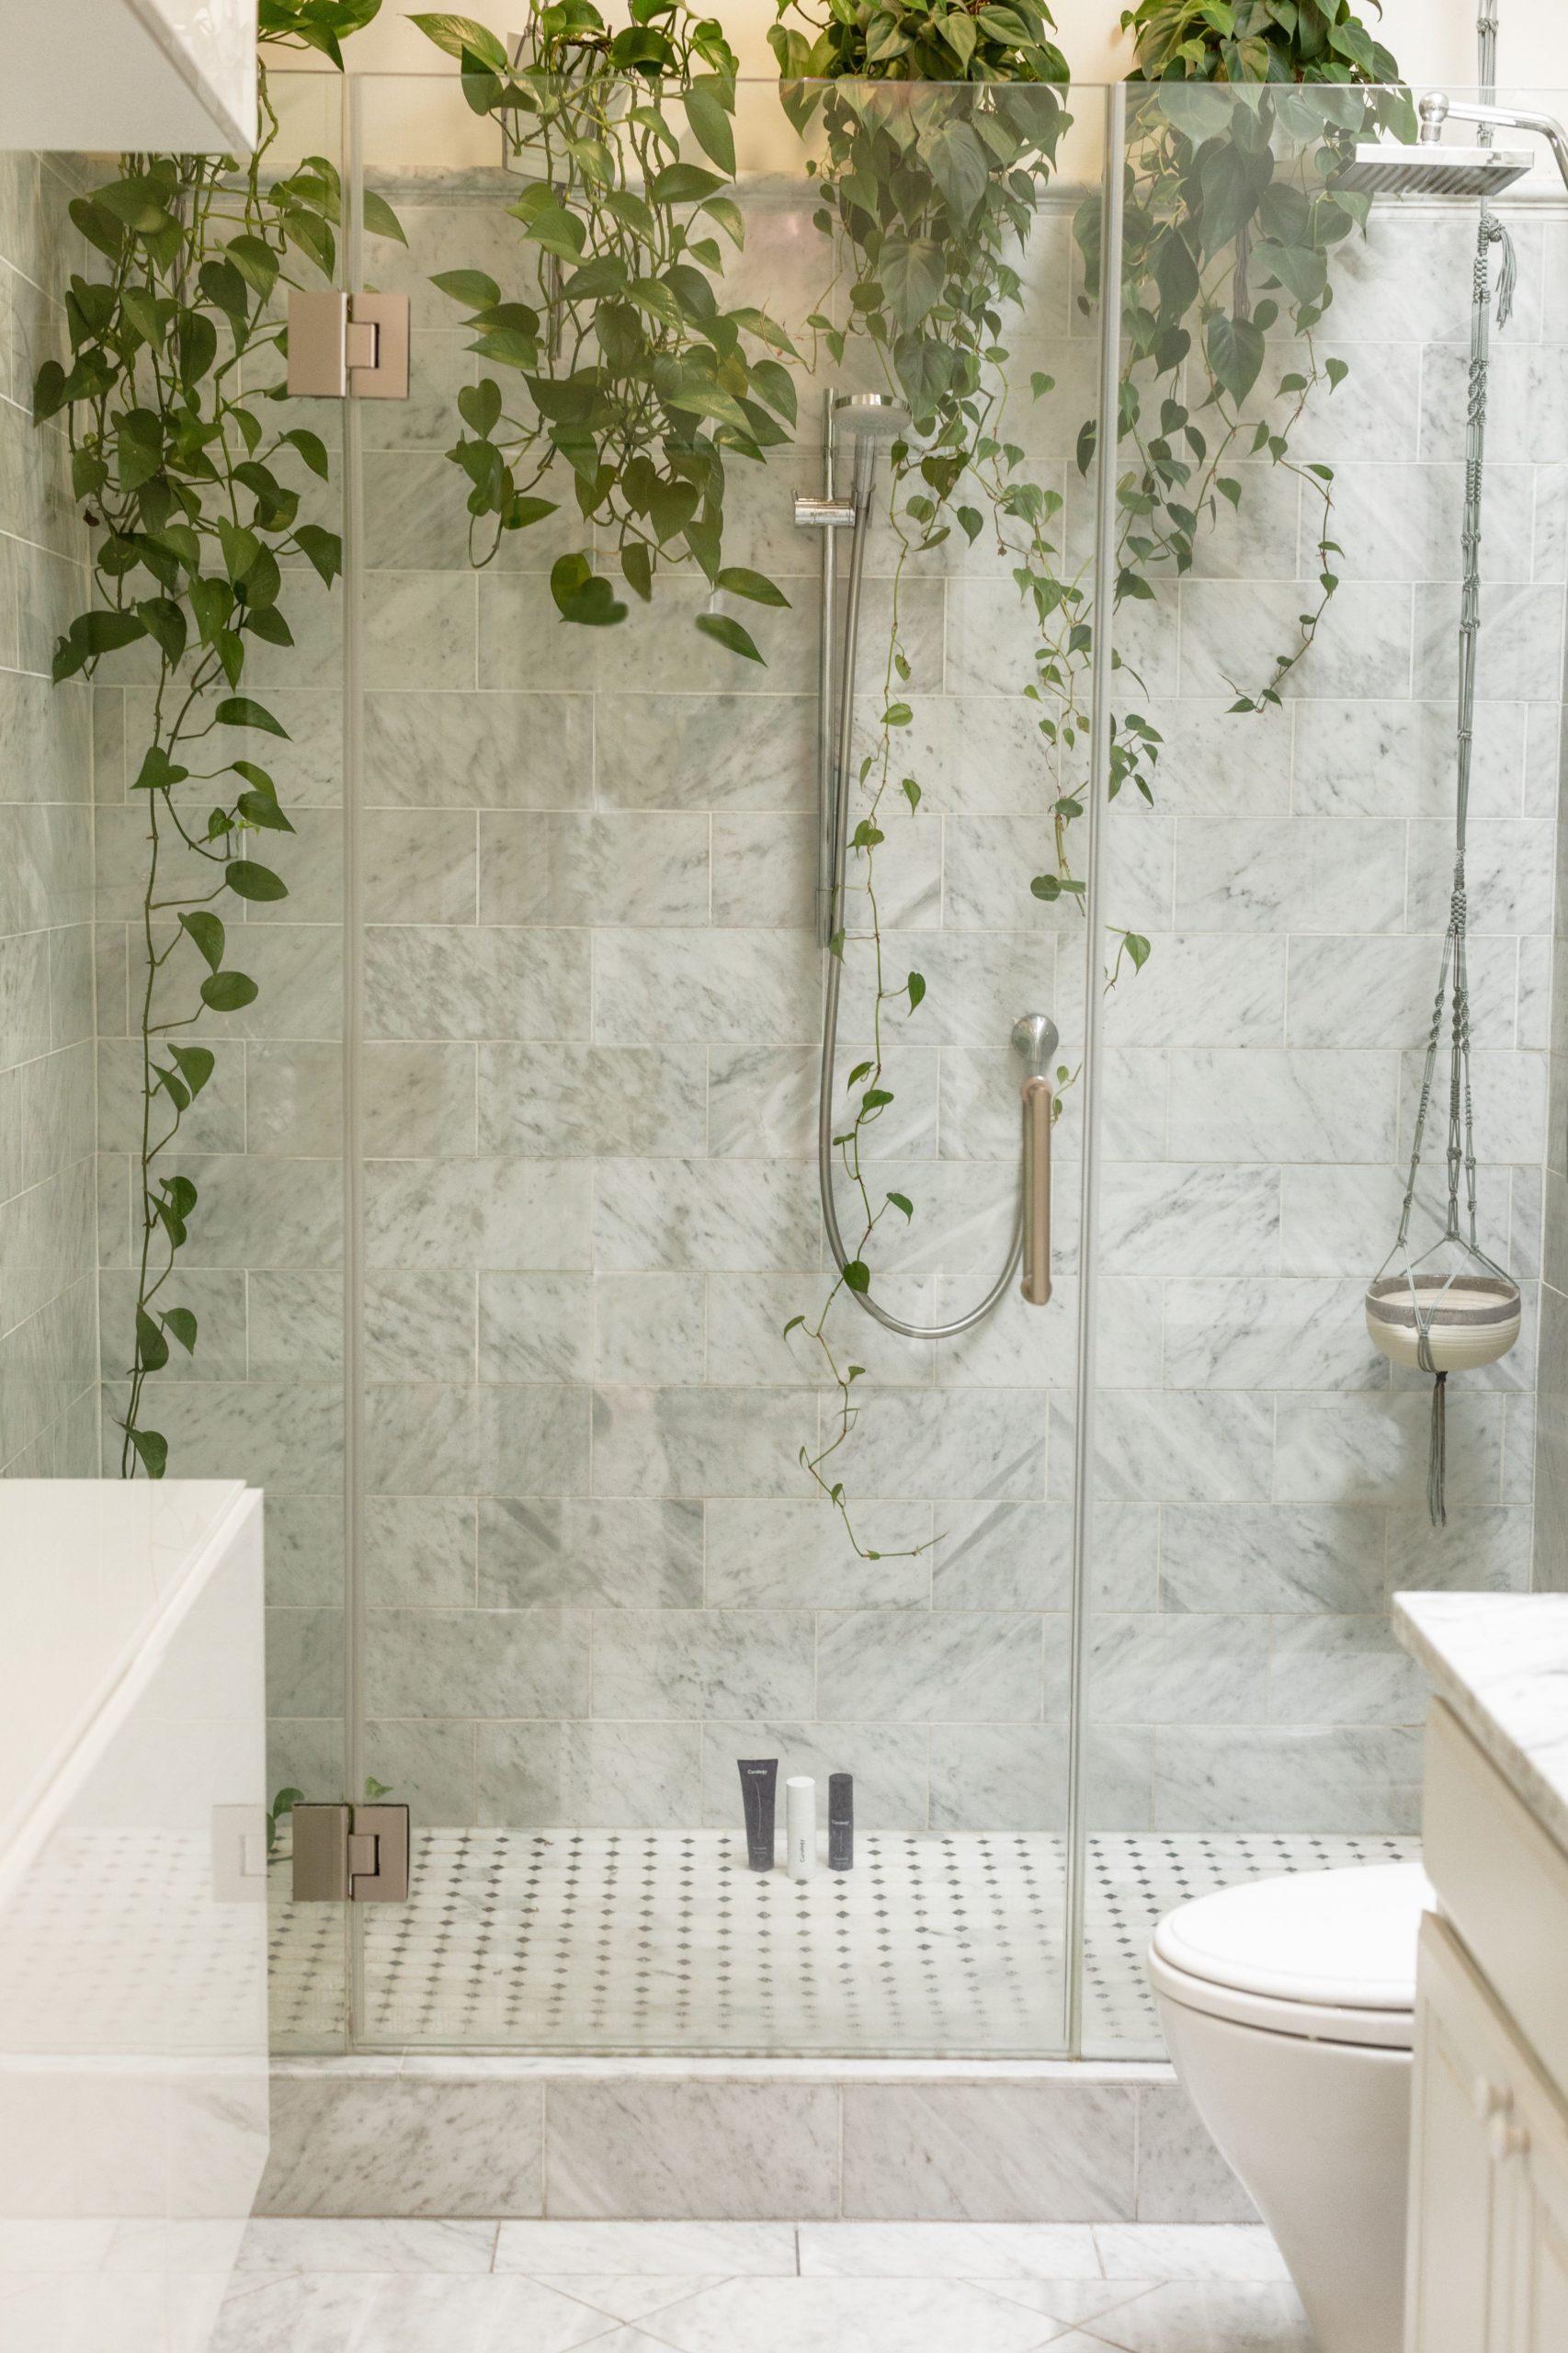 朝のシャワーでできる効果的な温冷浴のやり方【温冷交代浴】   つくしラボ